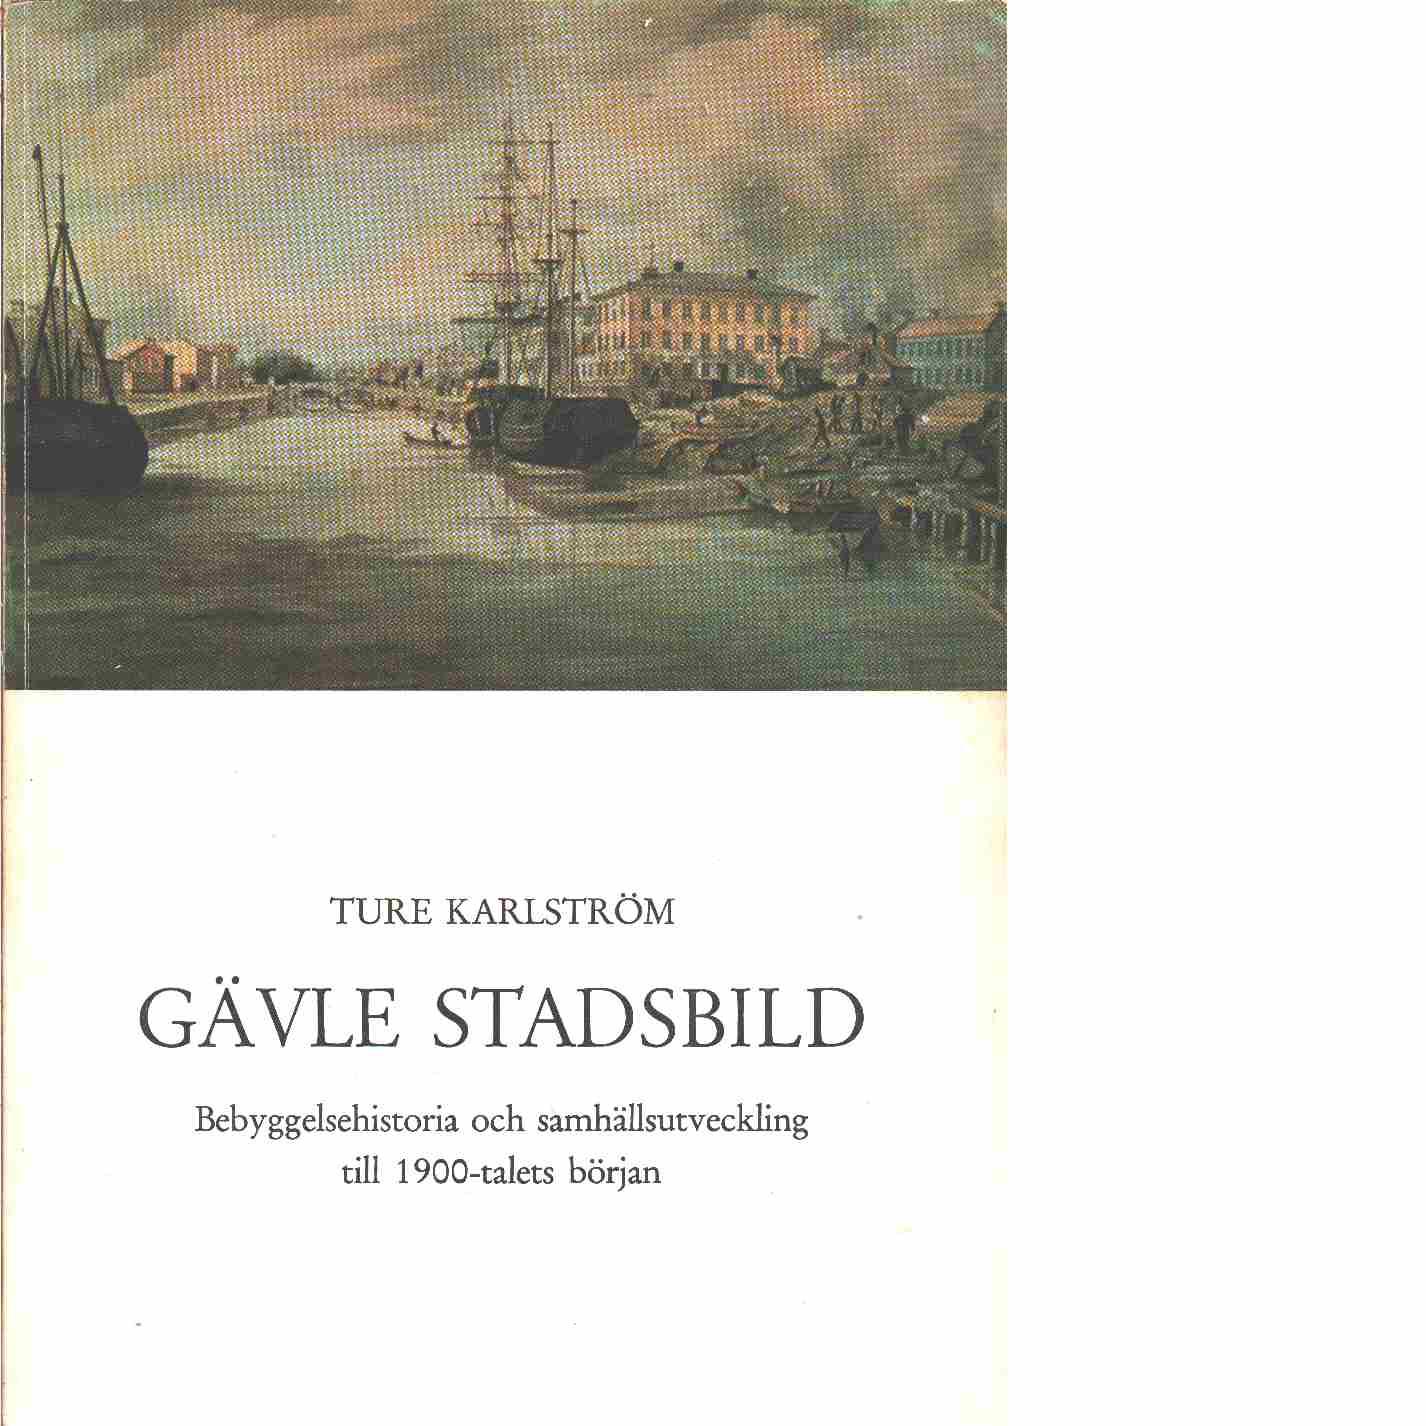 Gävle stadsbild : bebyggelsehistoria och samhällsutveckling till 1900-talets början  - Karlström, Ture